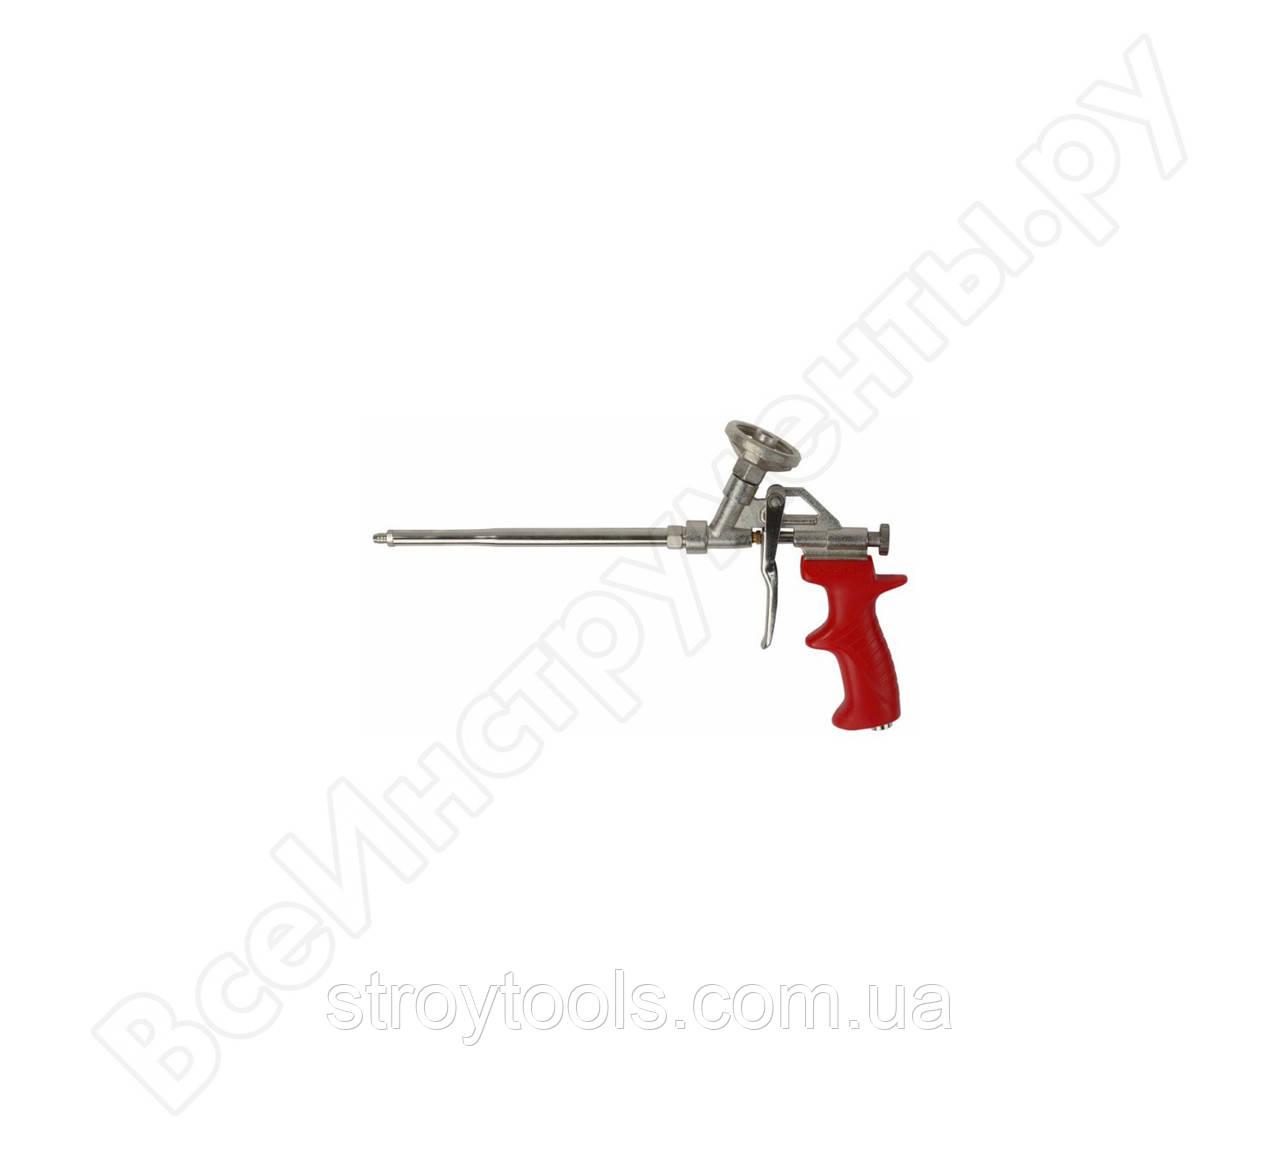 Пістолет МОНТАЖНИК для монтажної піни ЗУБР 4-06875